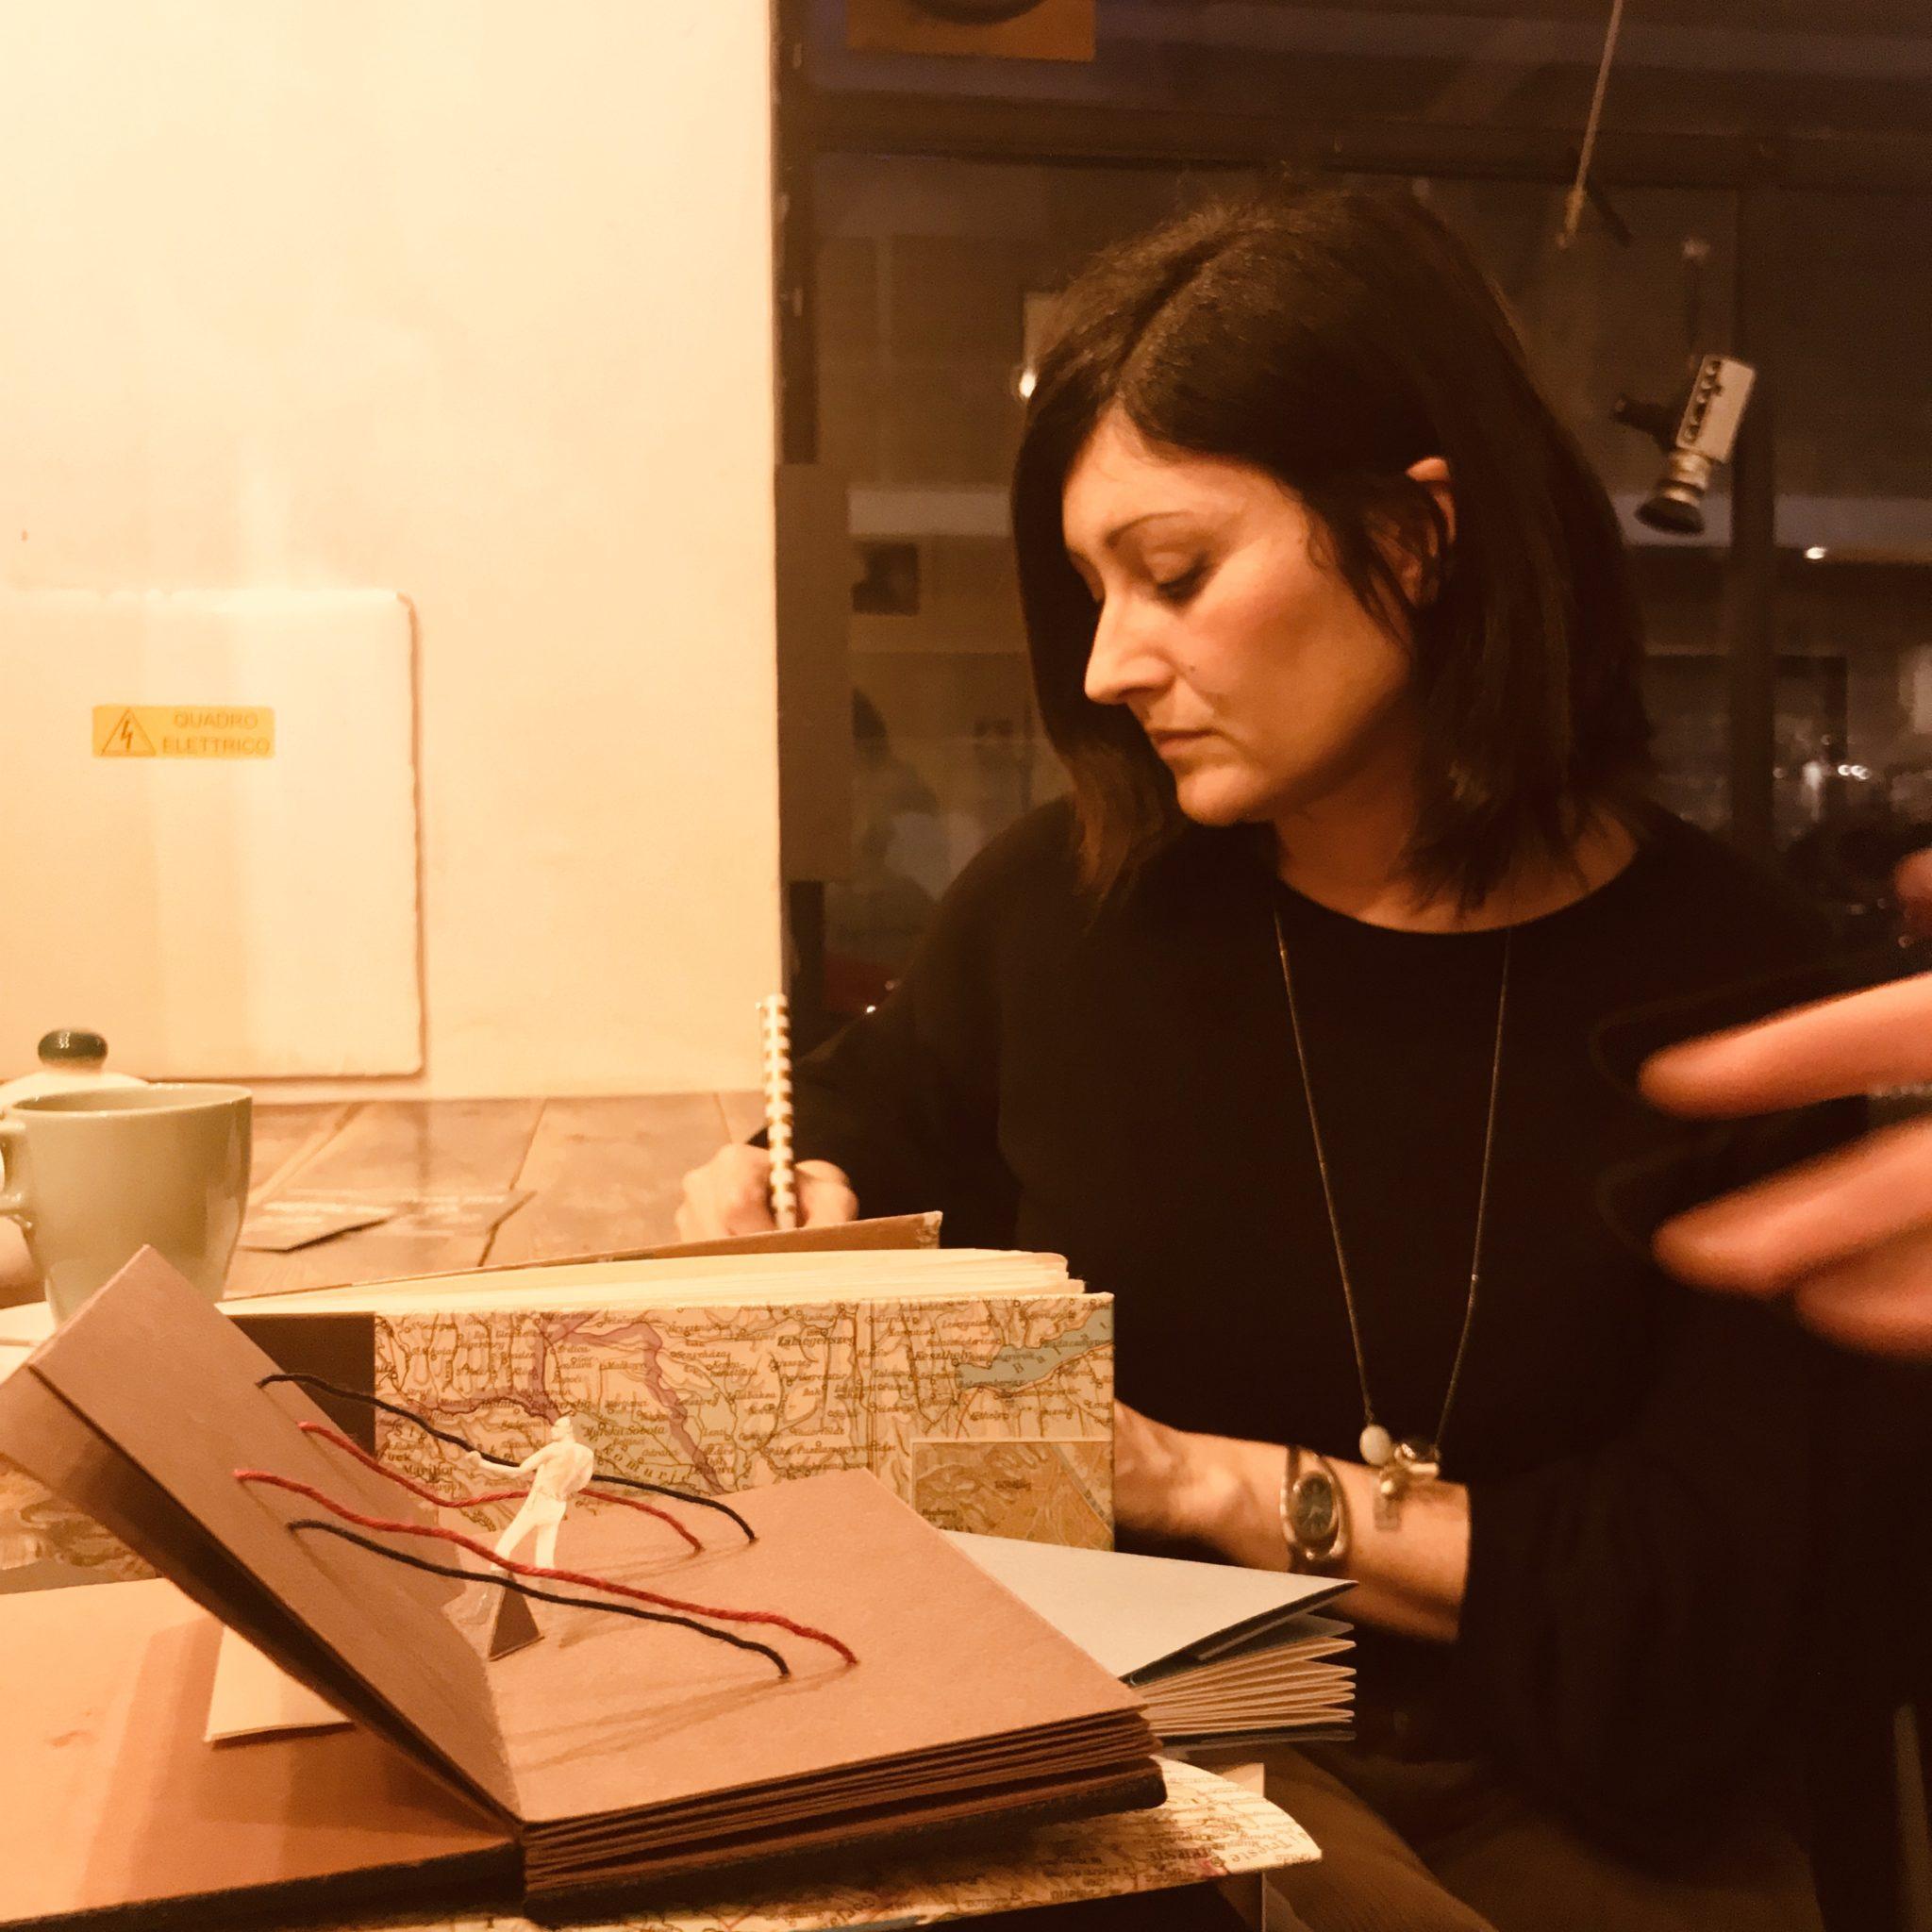 Il collettivo Libri Finti Clandestini recupera carta da riciclo, da scarti di tipografia a poster e sacchetti del pane, per farne libri d'arte